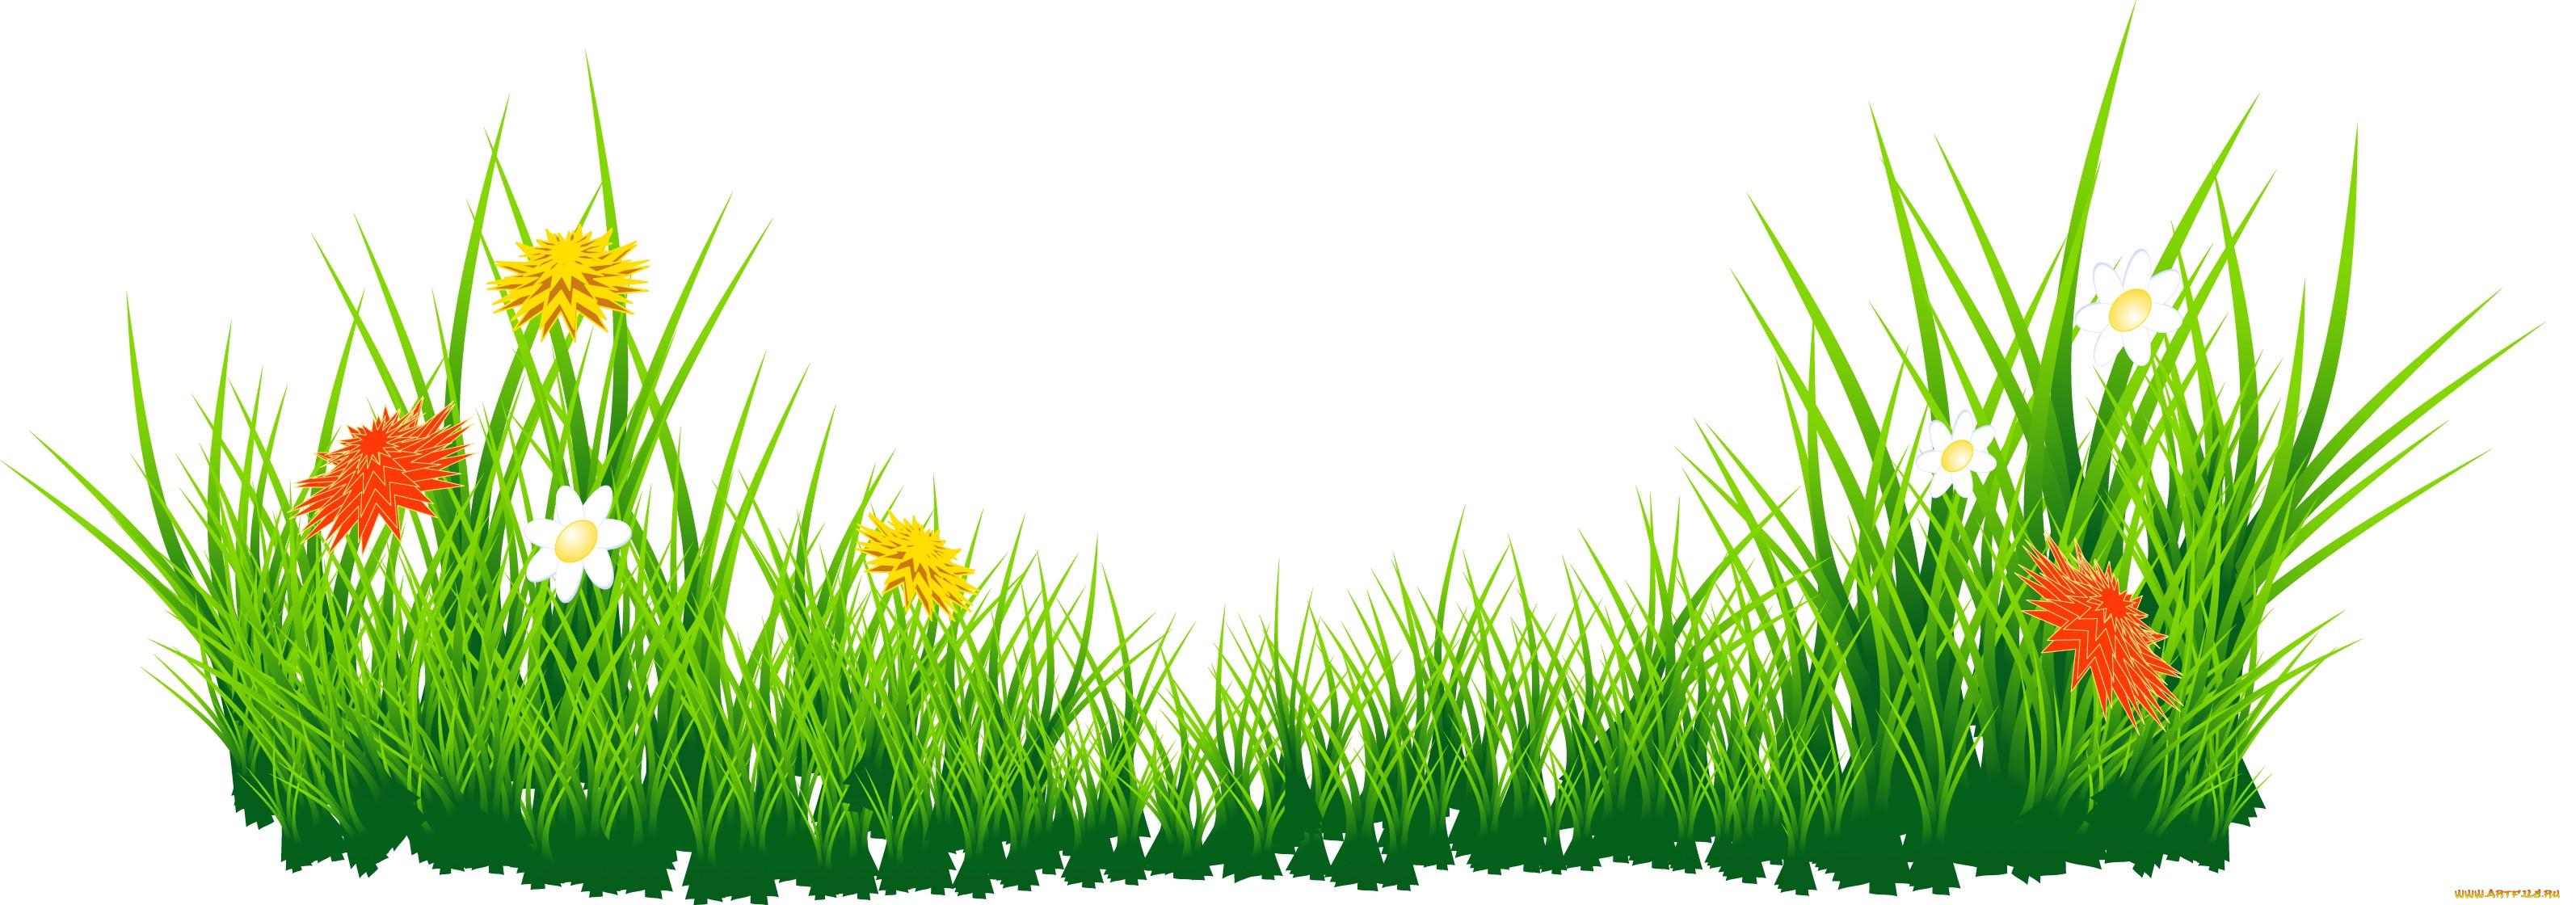 избежать травы на прозрачном фоне картинка центра краям, вытолкните